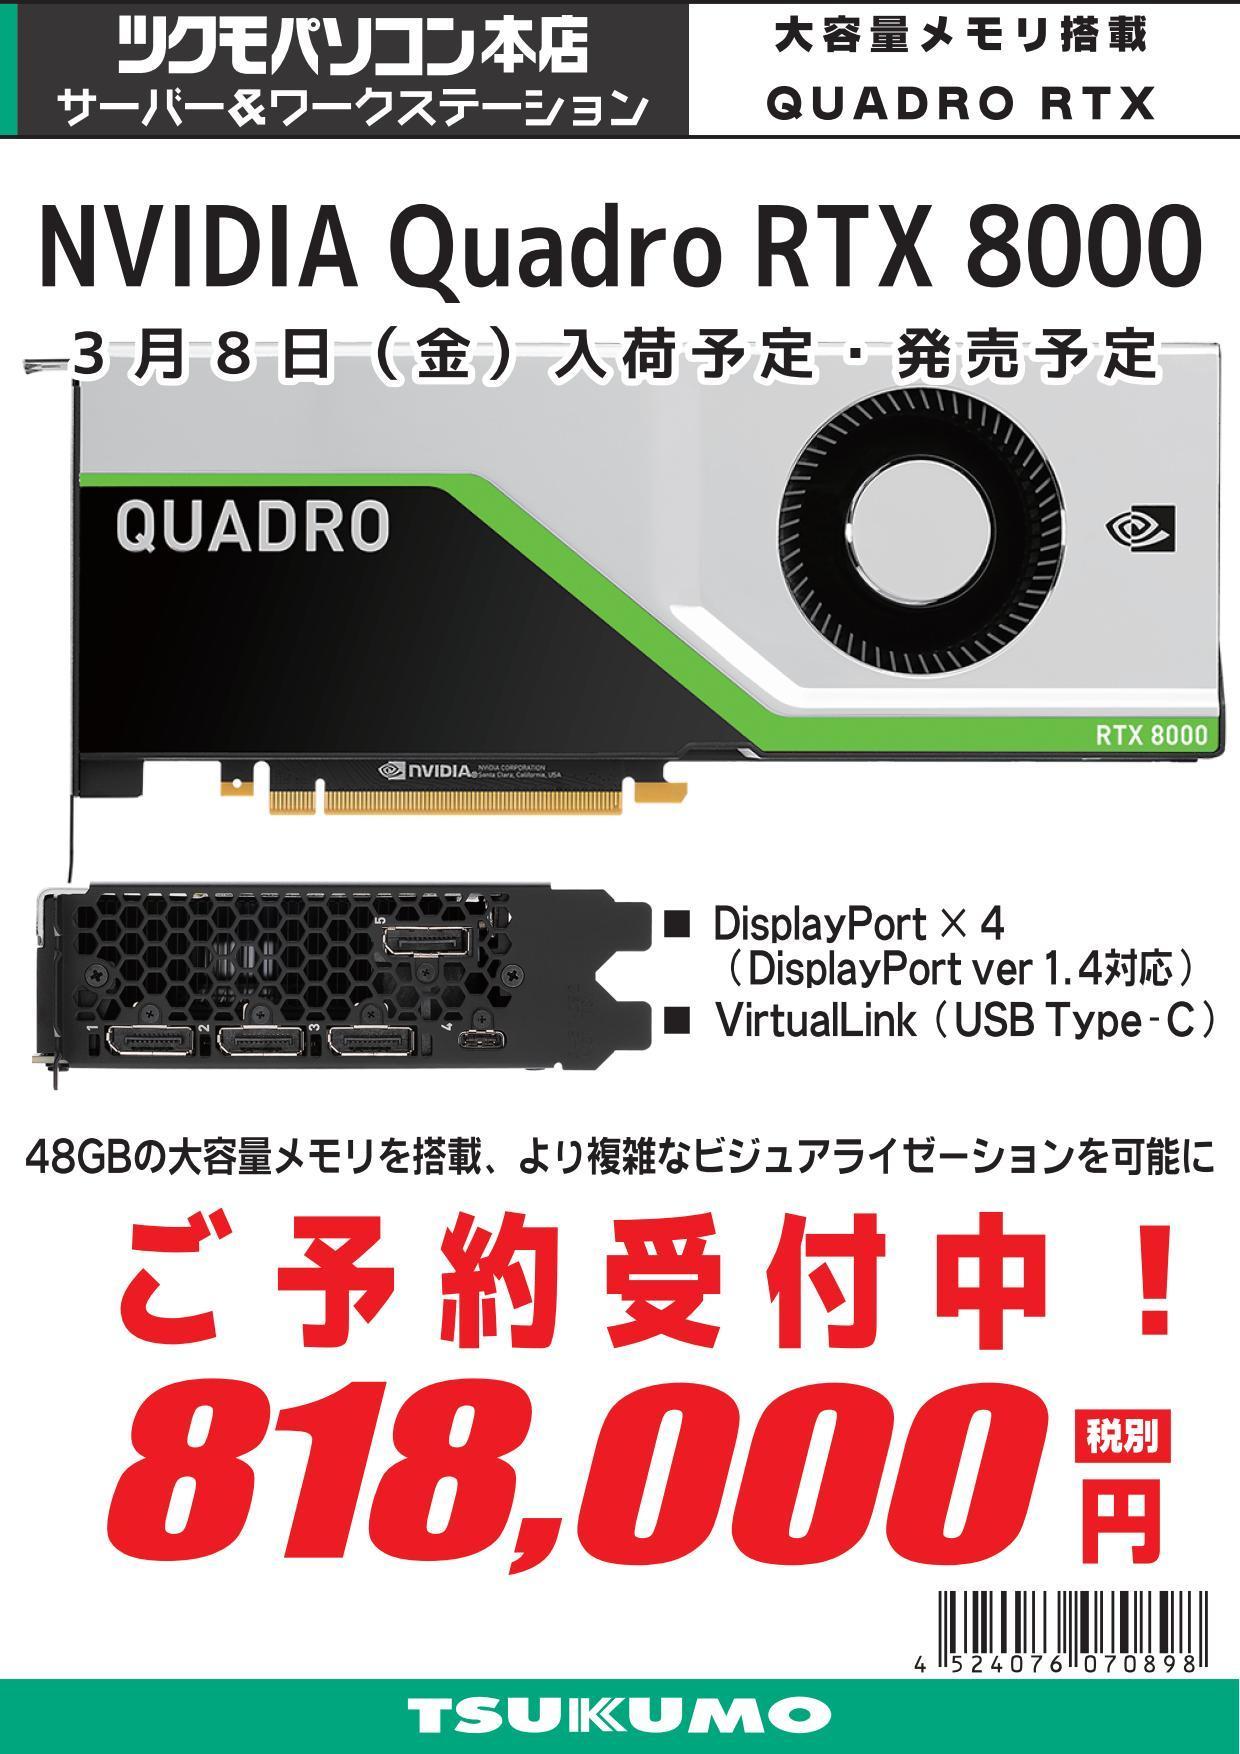 QUADRO RTX8000_01.jpg